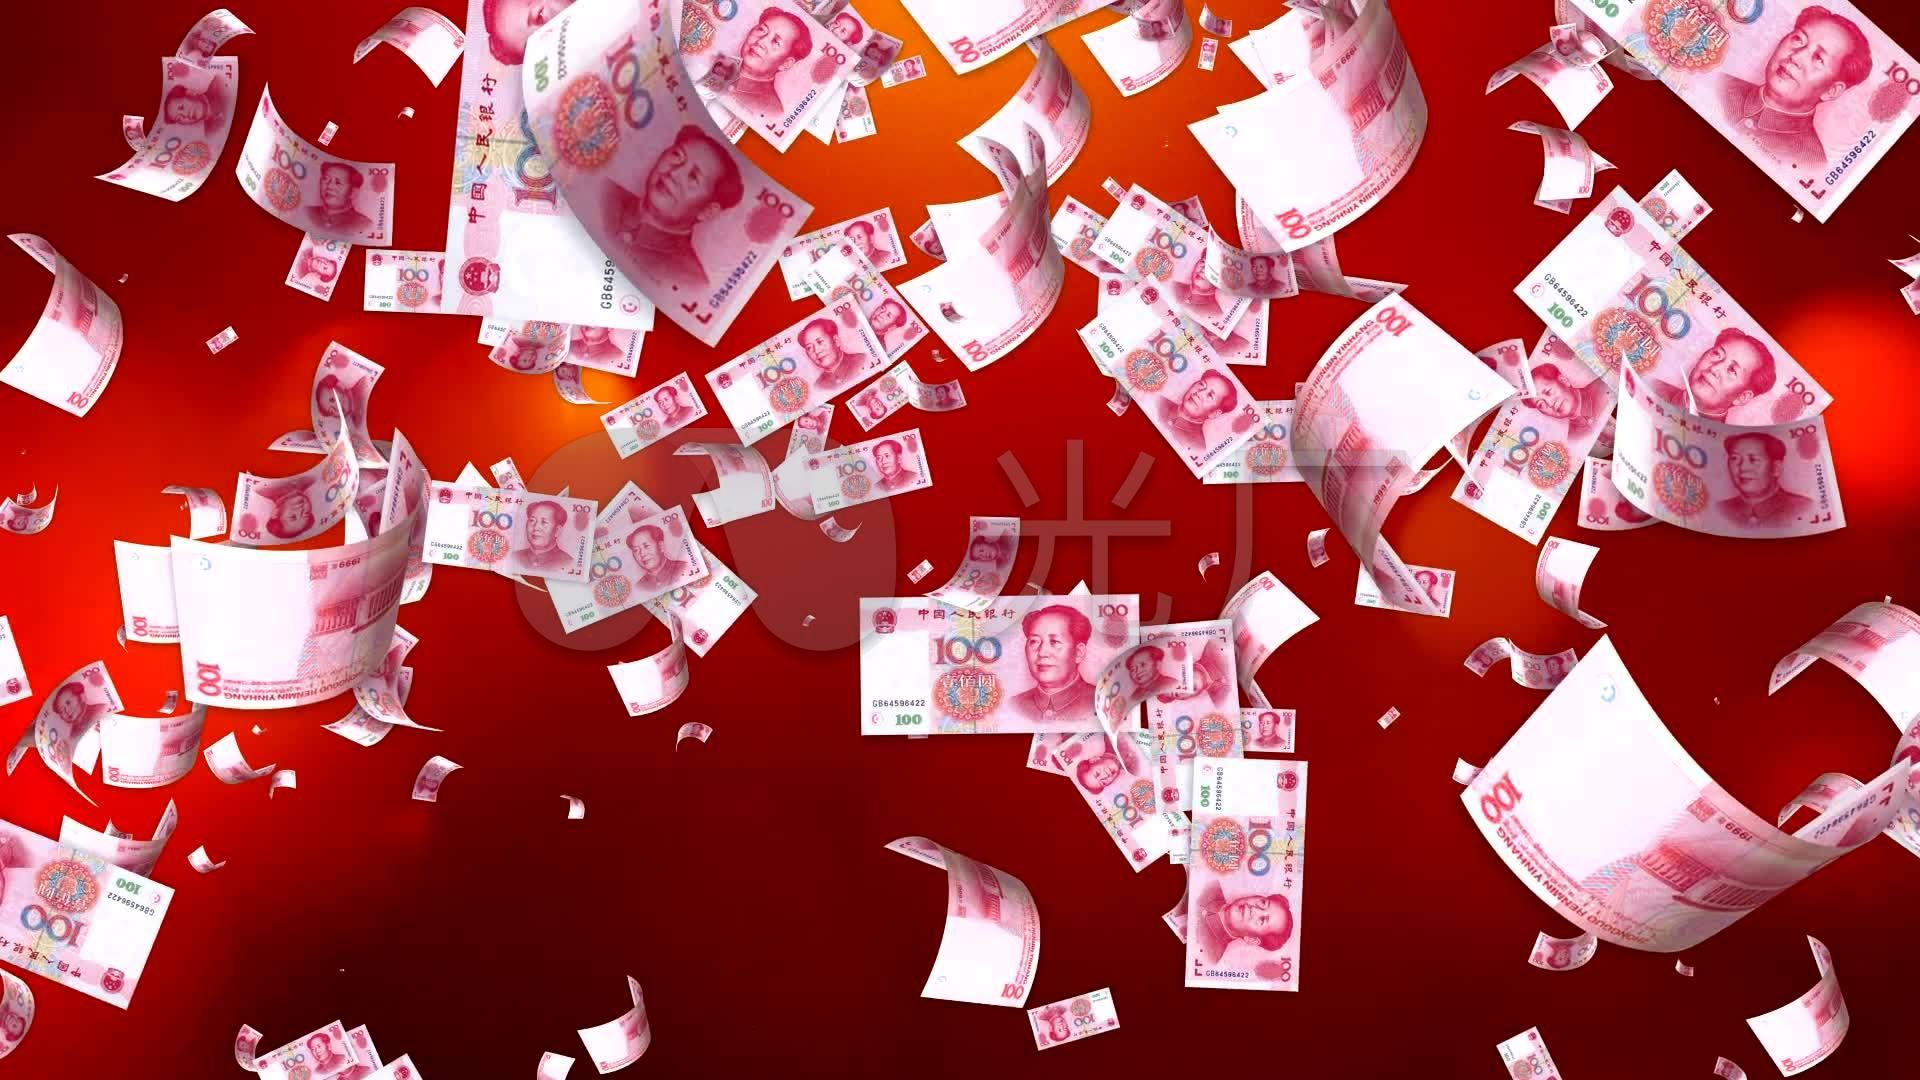 天上掉钱喜庆视频_1920x1080_高清视频素材